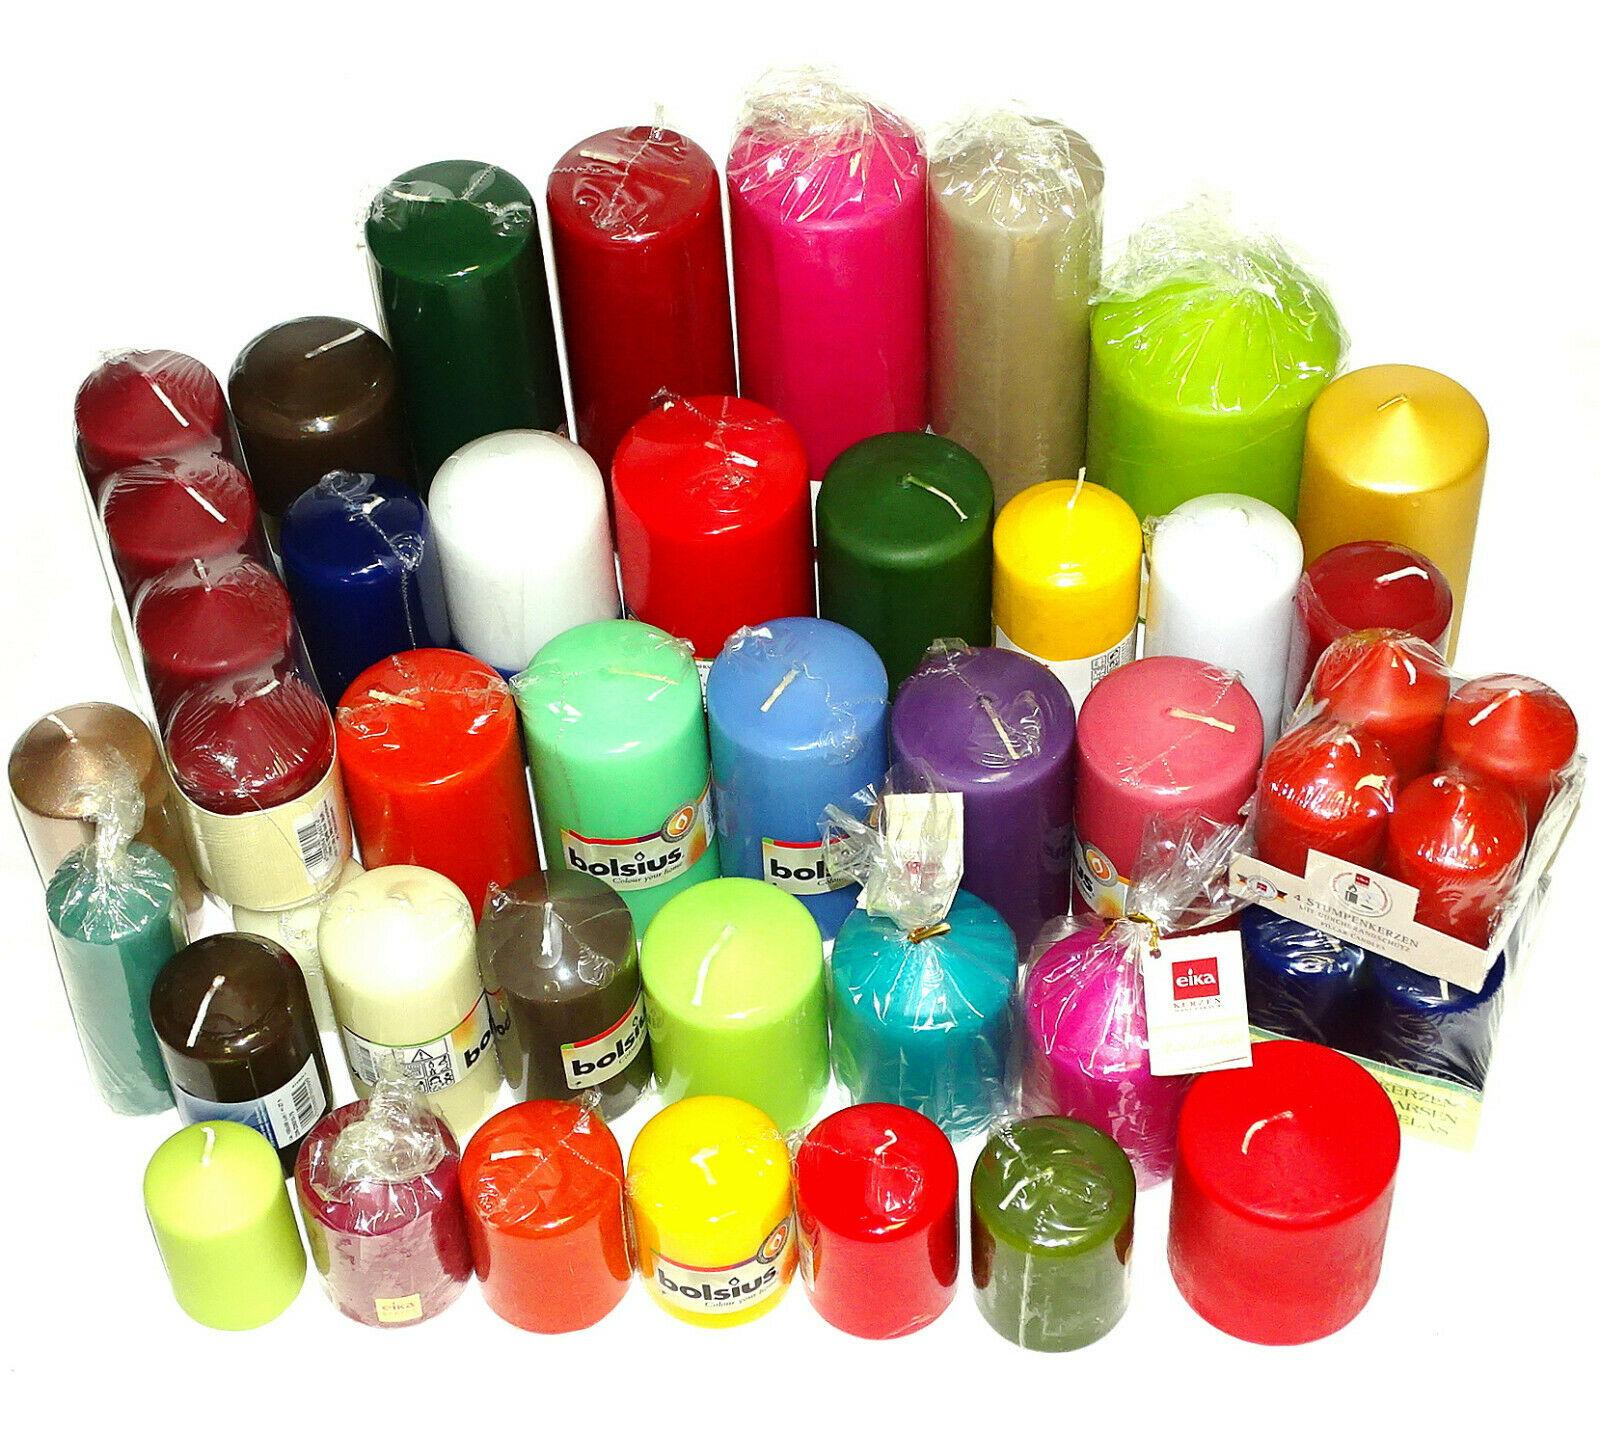 5 bis 12 kg Qualität Stumpenkerzen farblich bunt gemischt Stumpen Kerzen 1 Wahl